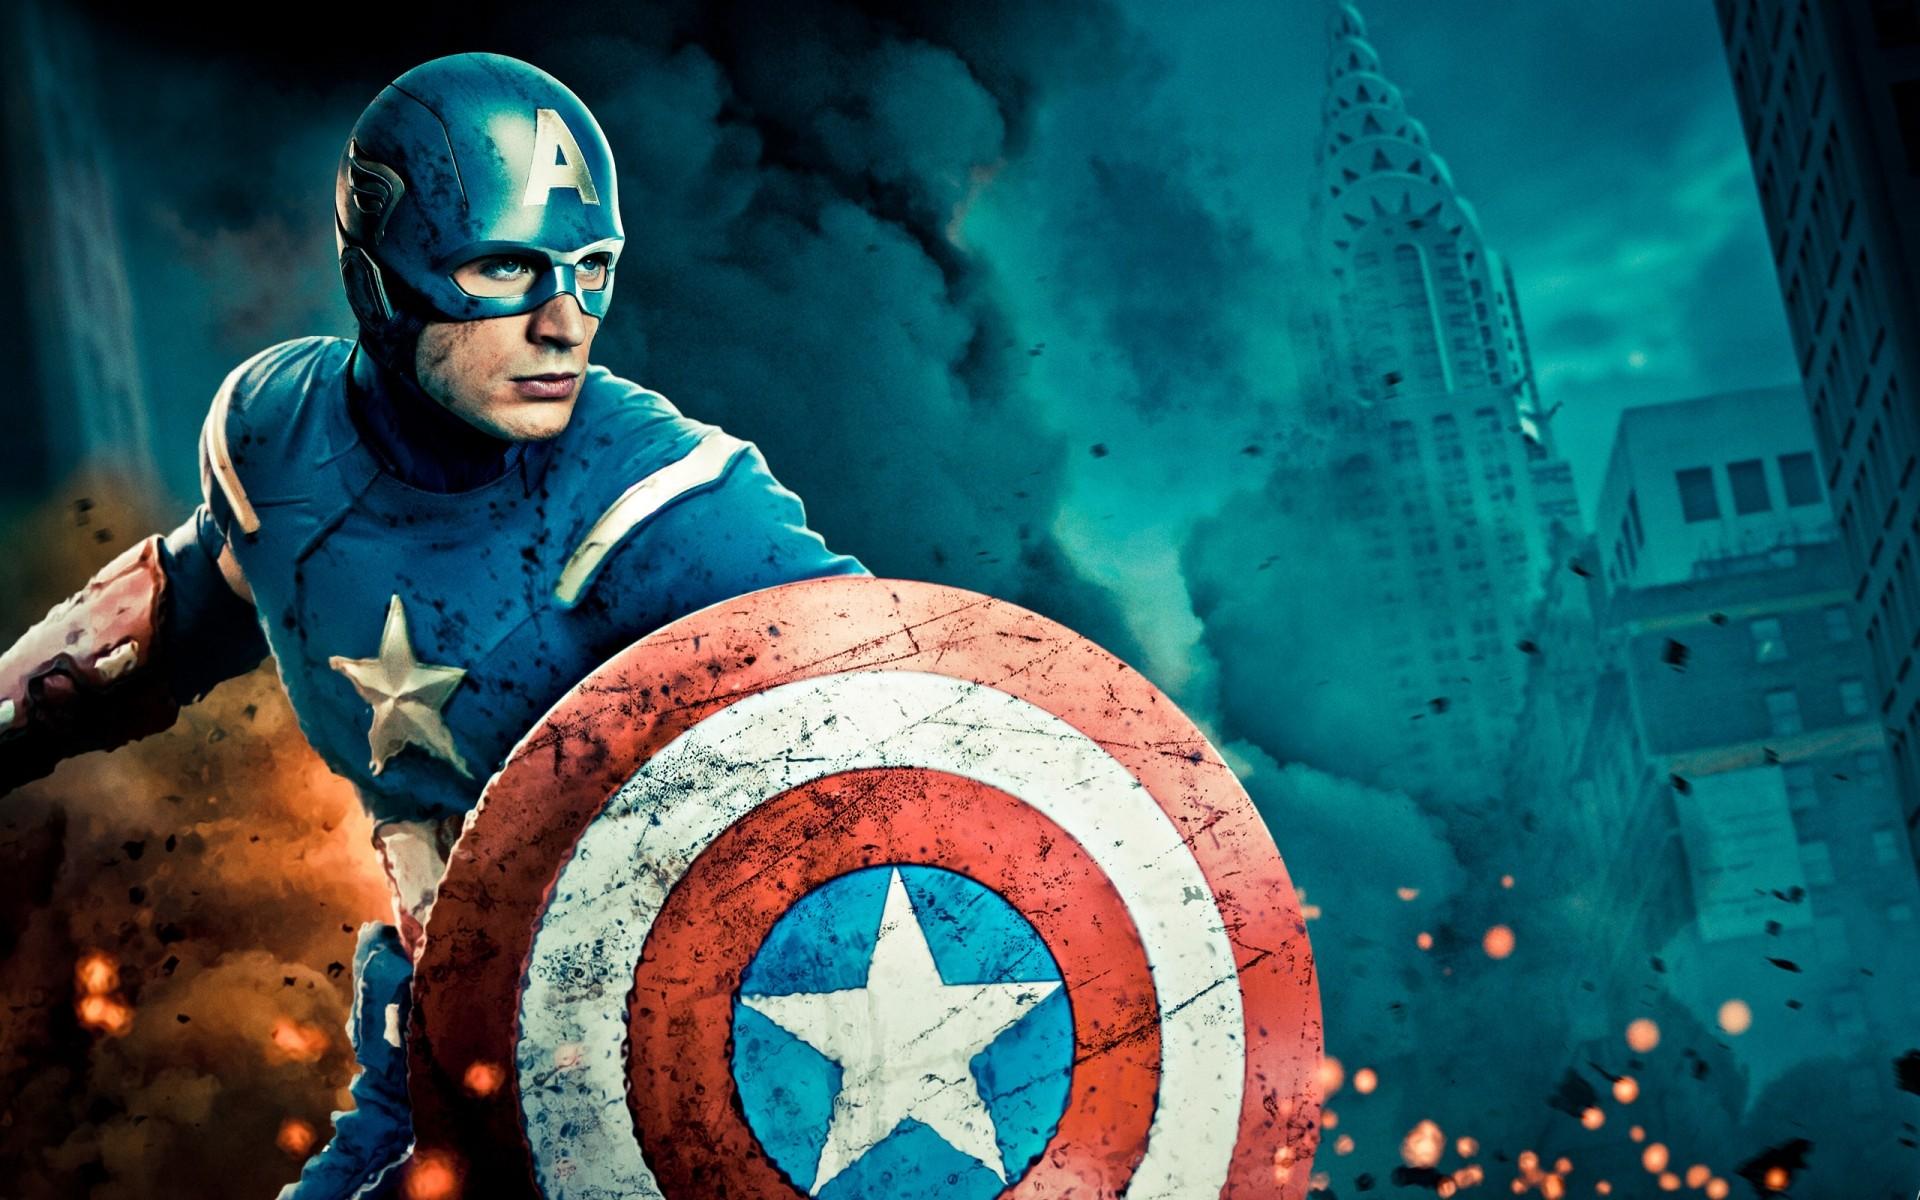 крутые картинки супергероев на рабочий стол